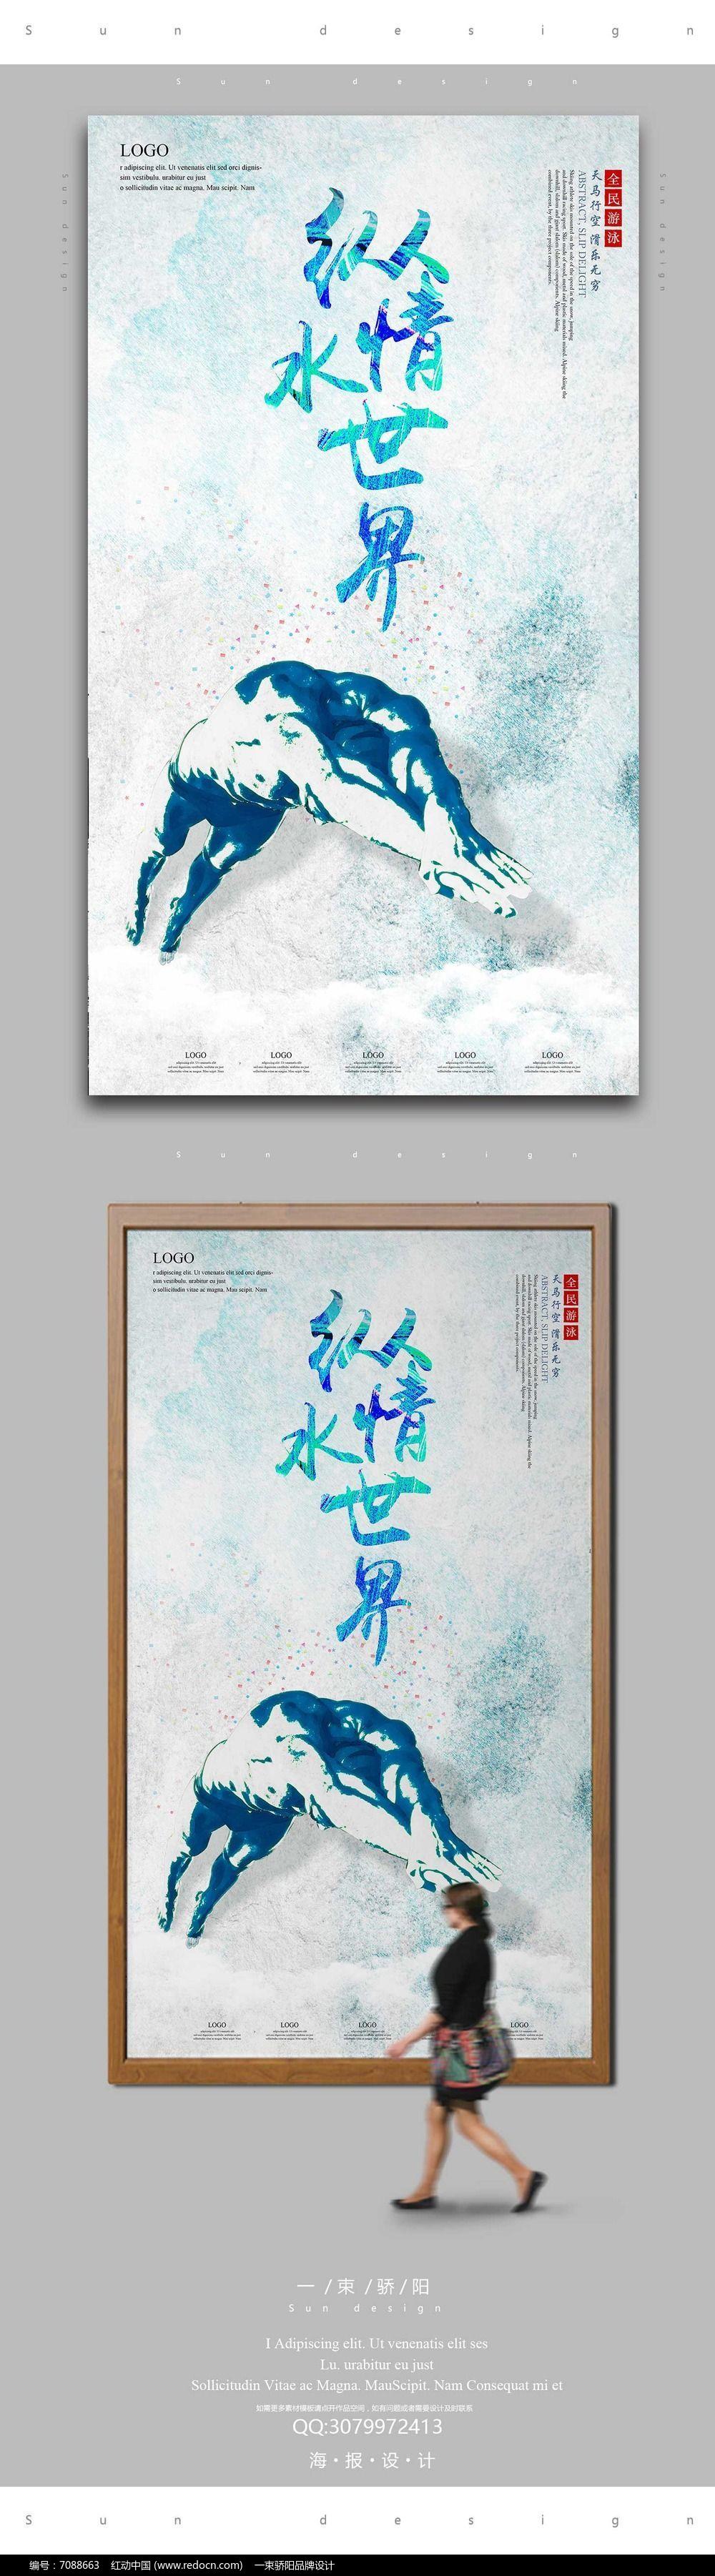 简约水彩游泳海报设计PSD图片